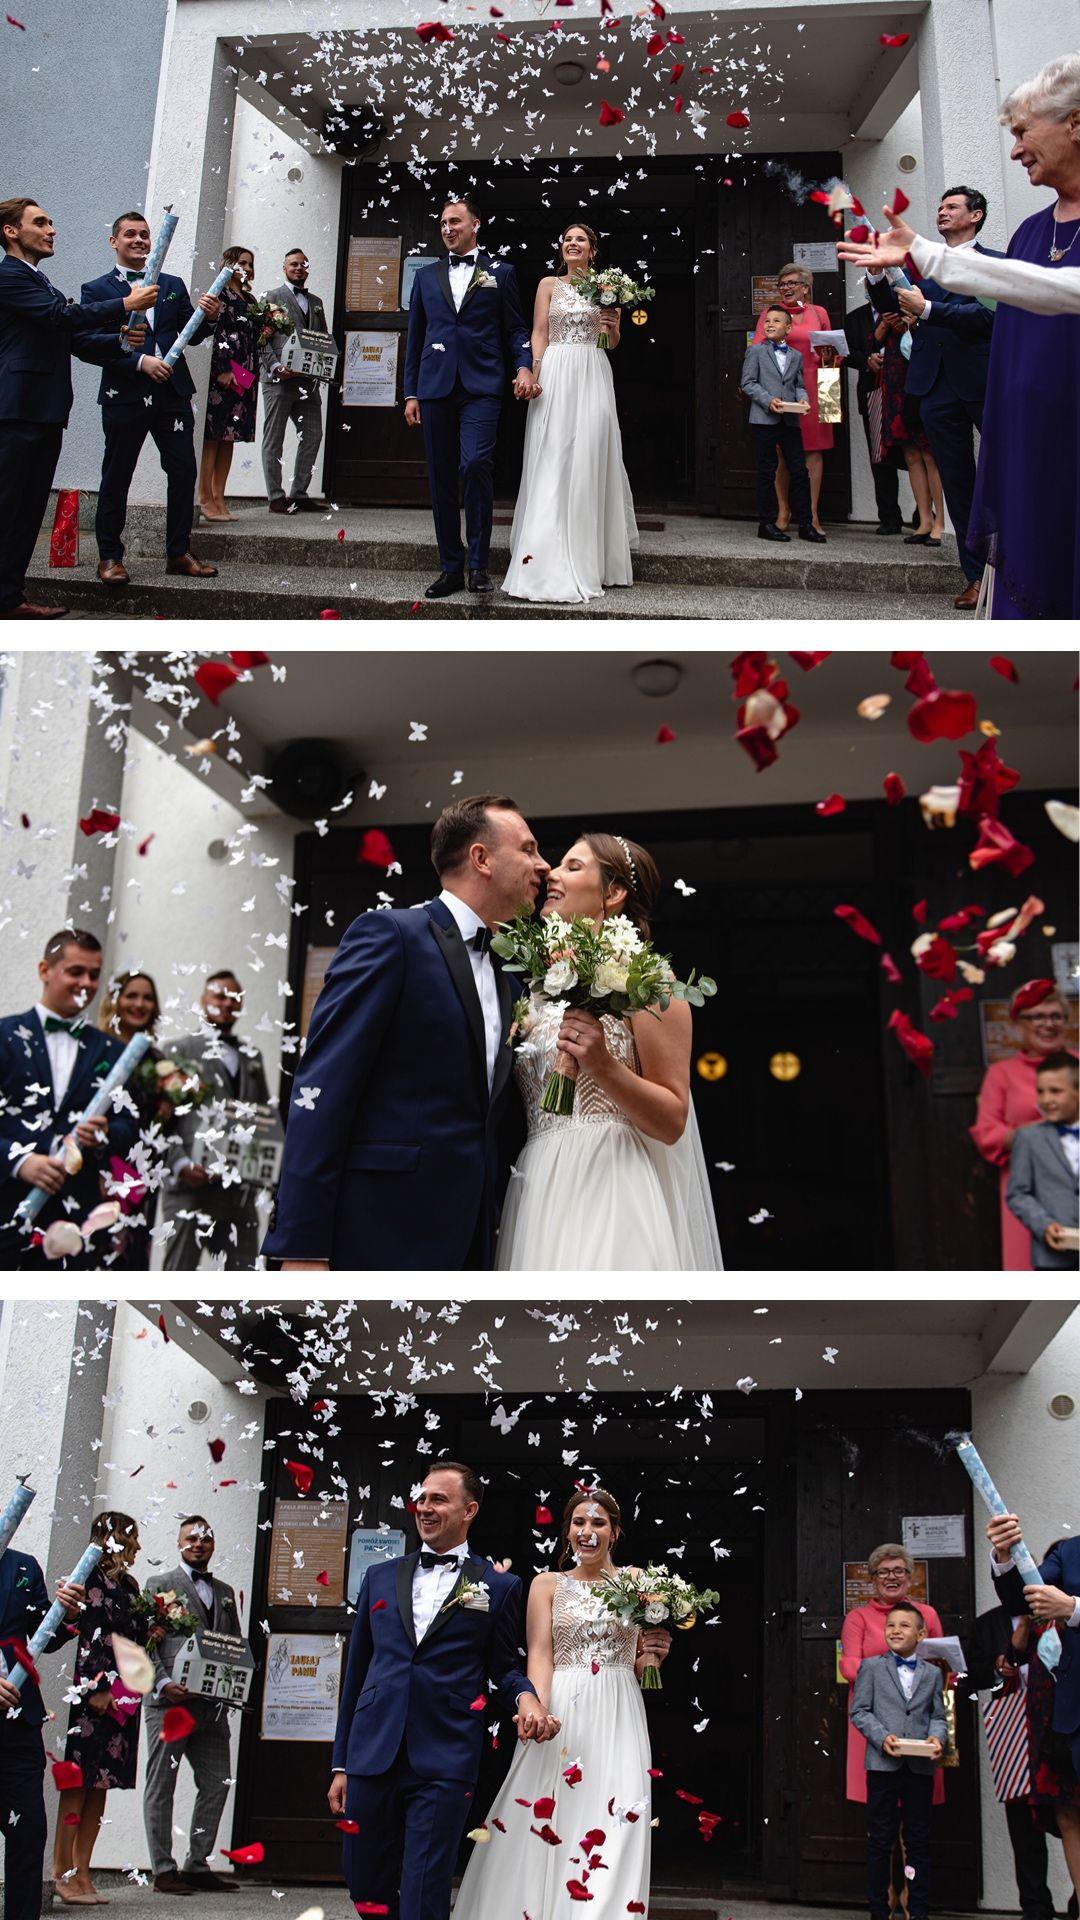 Św. Floriana Kolbudy, Ślub kościelny, przysięga kościelna, wzruszenie podczas przysięgi, say yes, wyjście z kościoła, wystrzelenie konfetti,